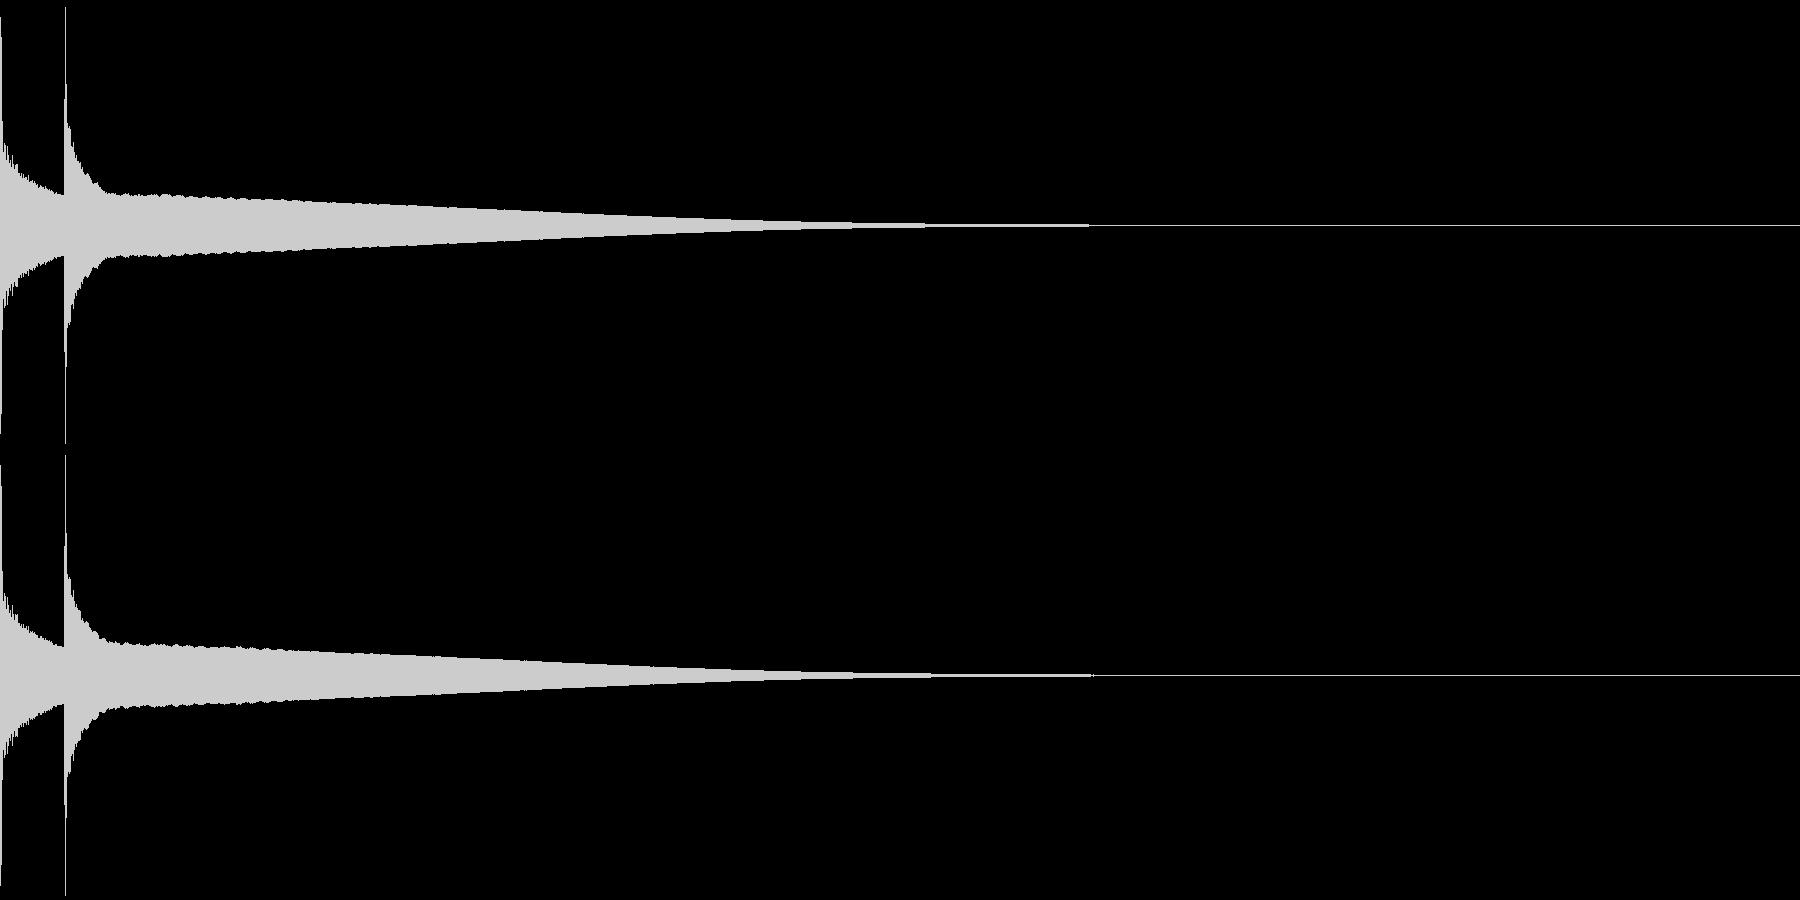 アイテム/コインゲットの未再生の波形